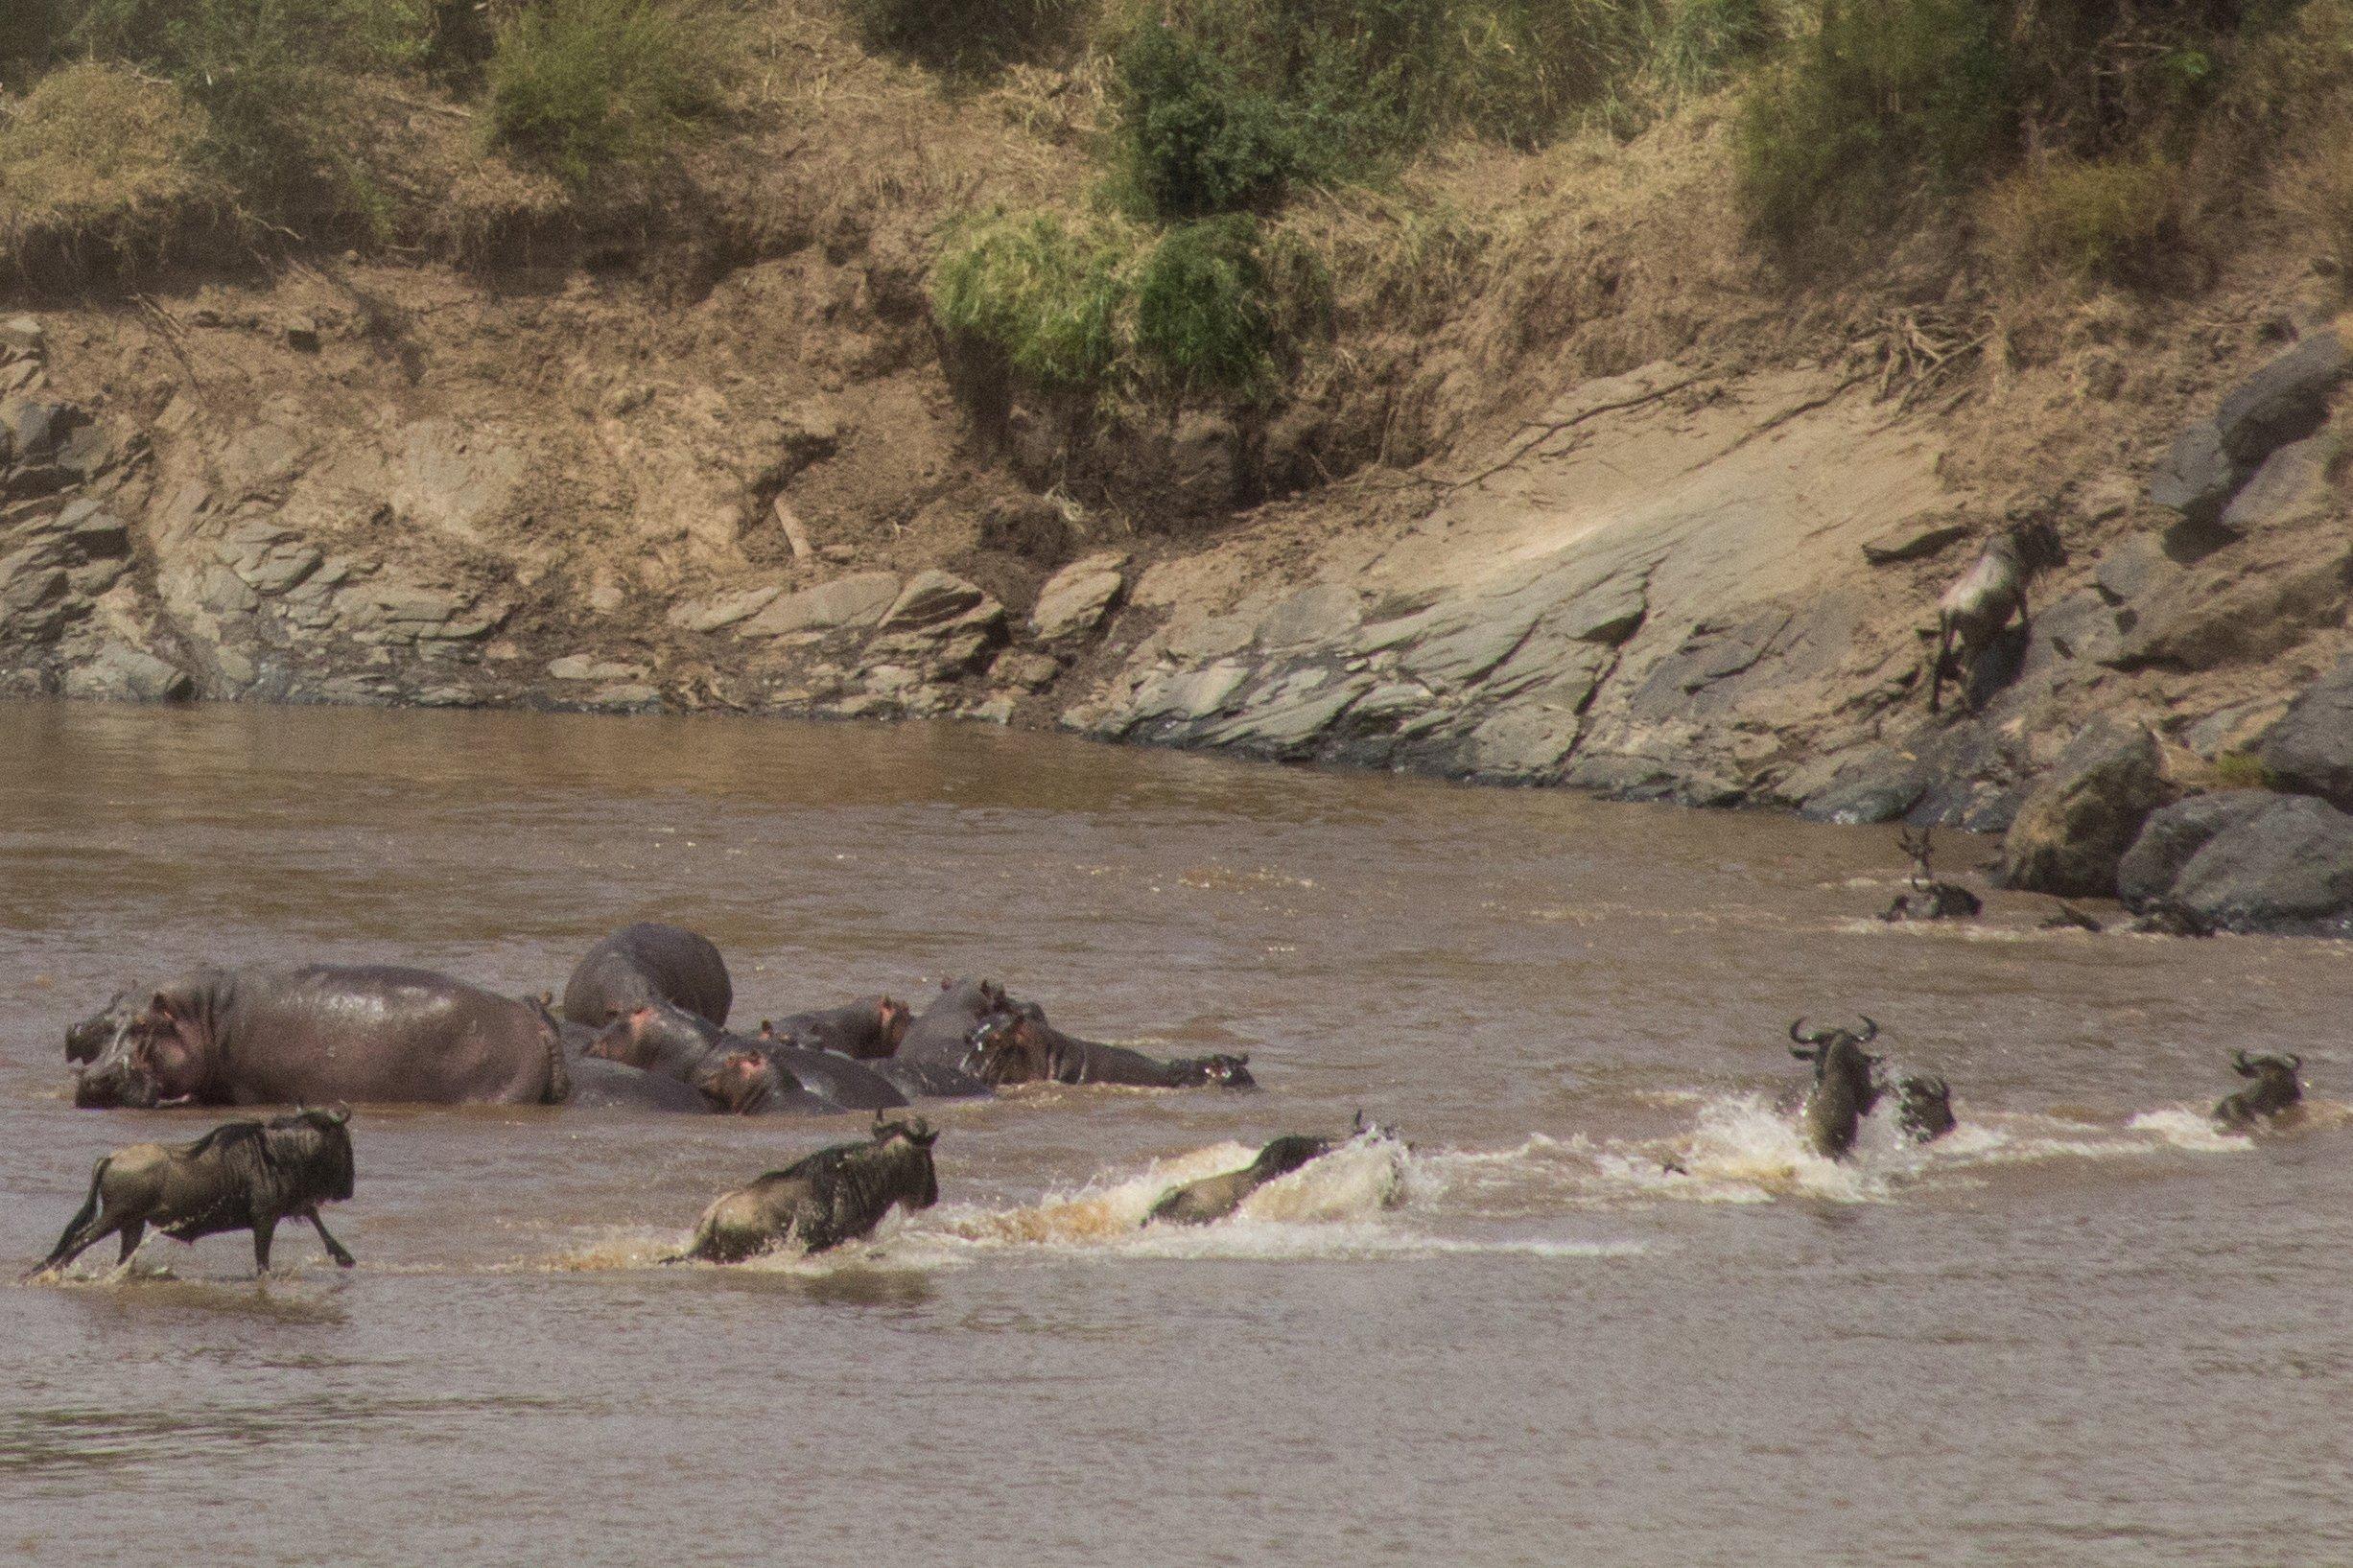 Zu sehen ist der Mara-Fluss, Gnus springen durch den Fluss. Daneben liegen Flusspferde. Oben auf dem Steilufer des Flusses stehen die Safari-Autos von Touristen.